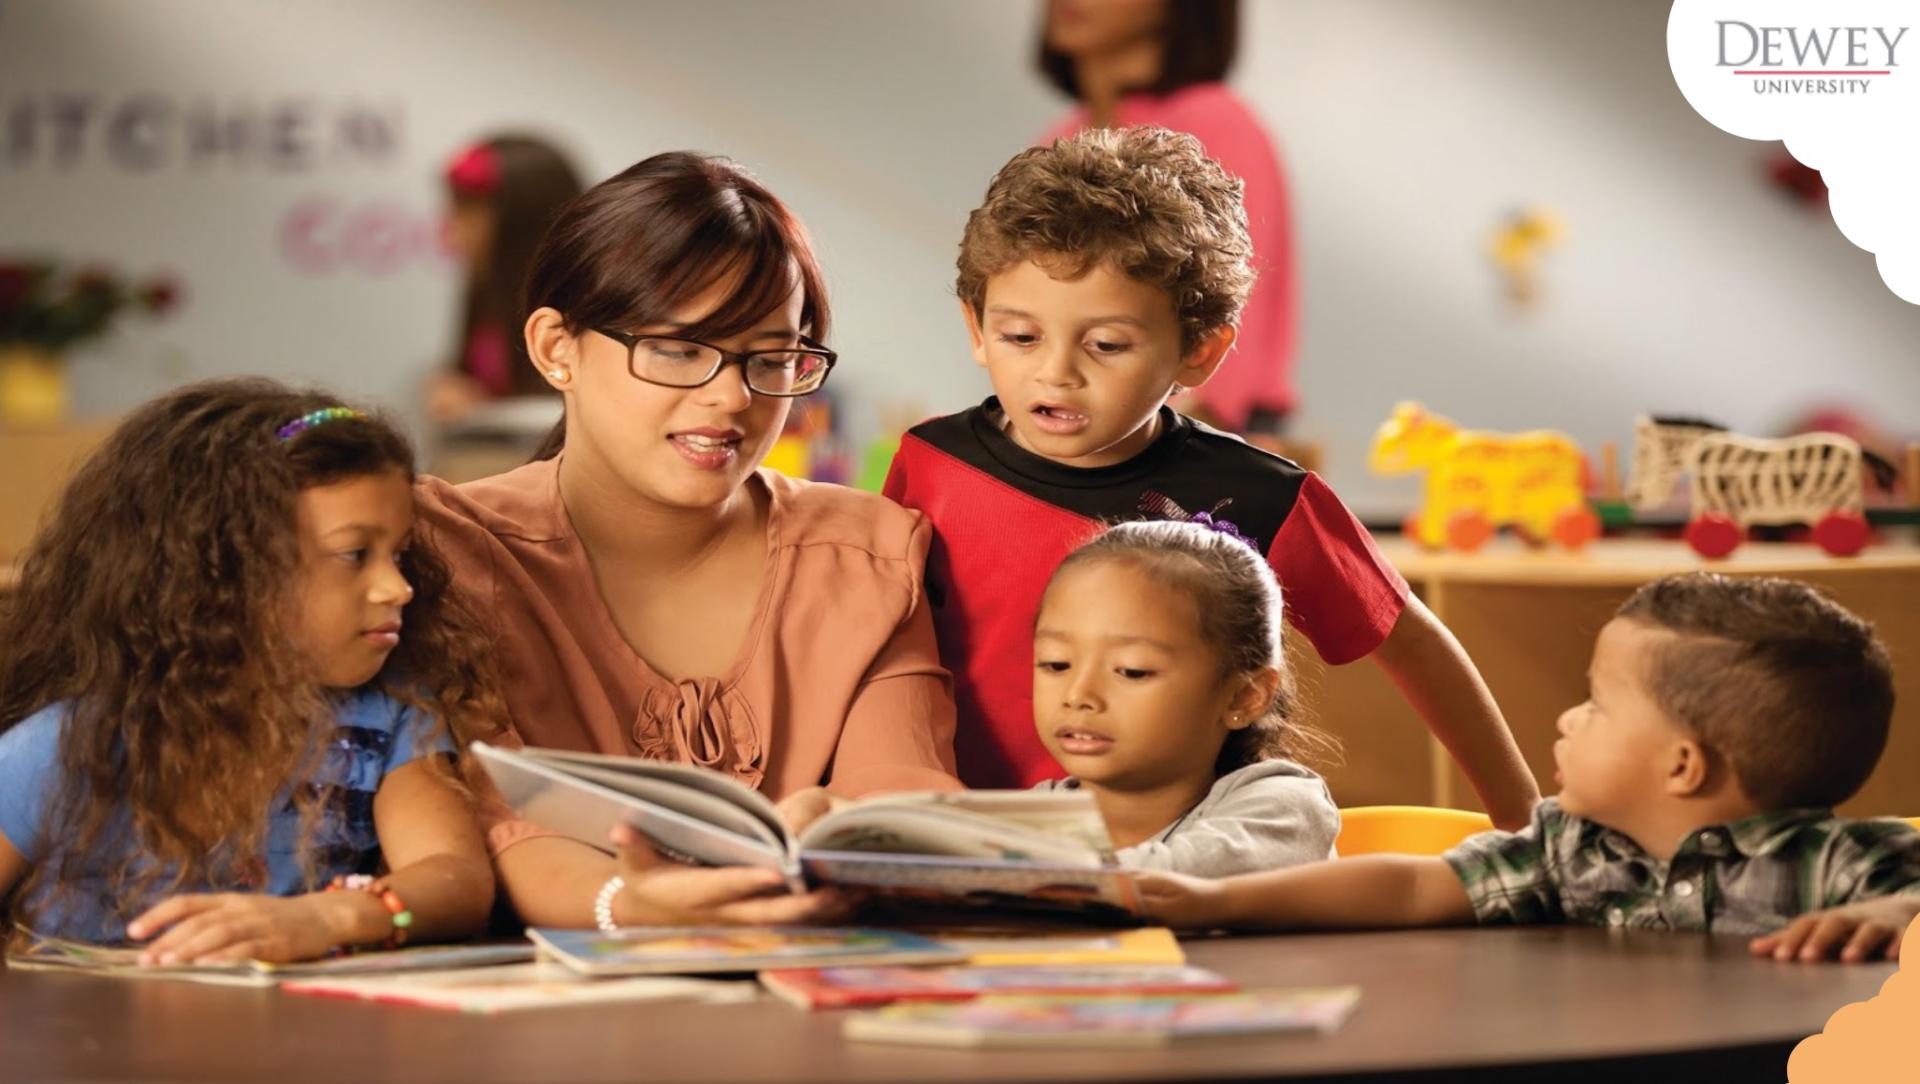 Dewey University: educación que transforma